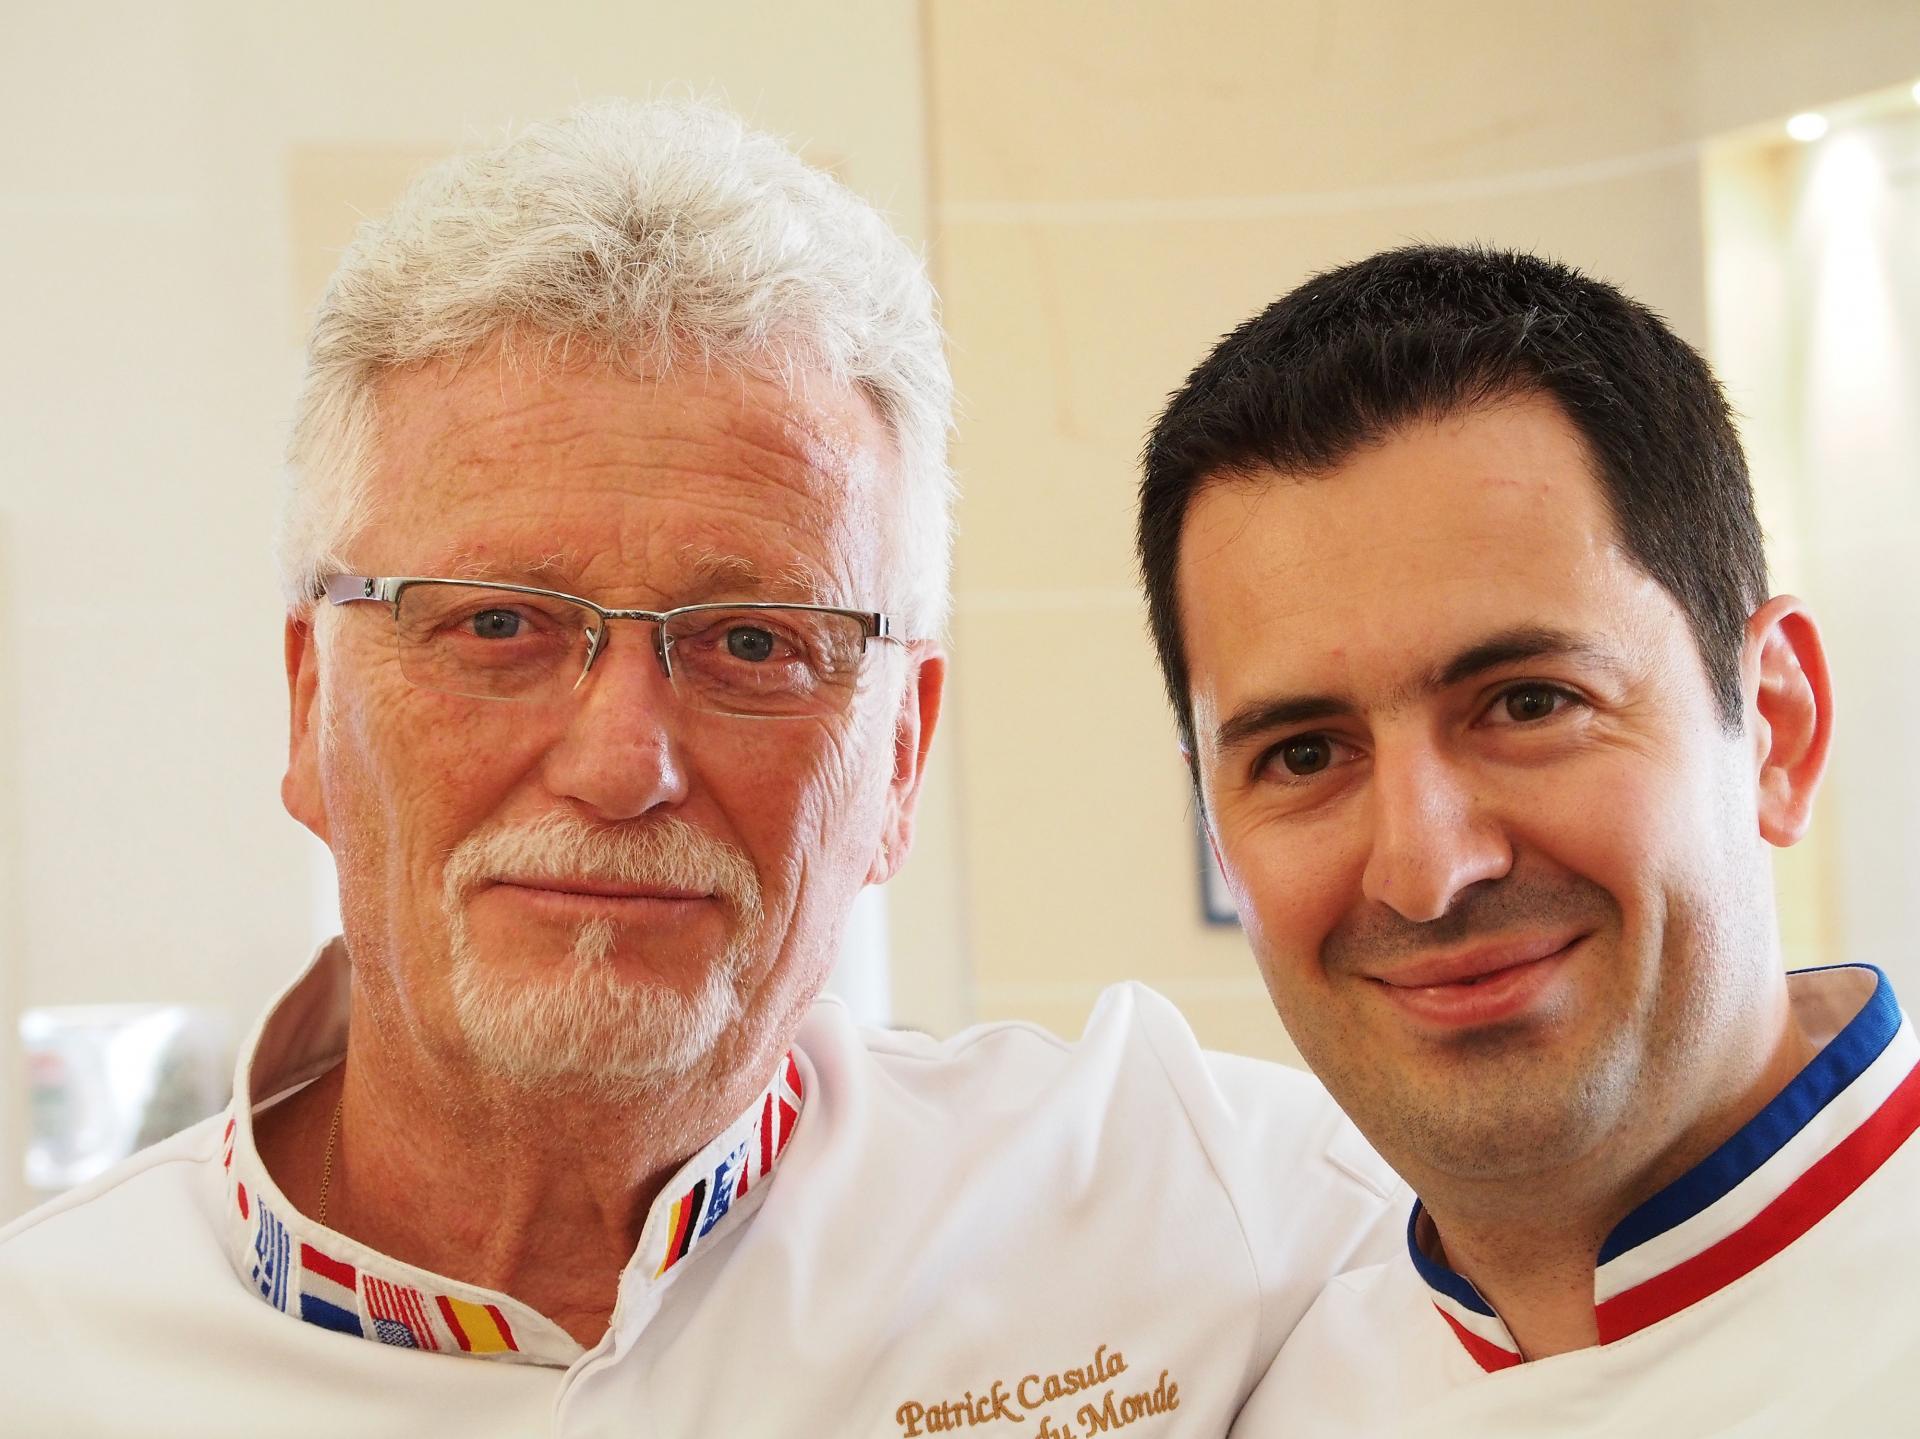 Patrick Casula, champion du Monde de pâtisserie et Julien Boutonnet, Meilleur Ouvrier de France